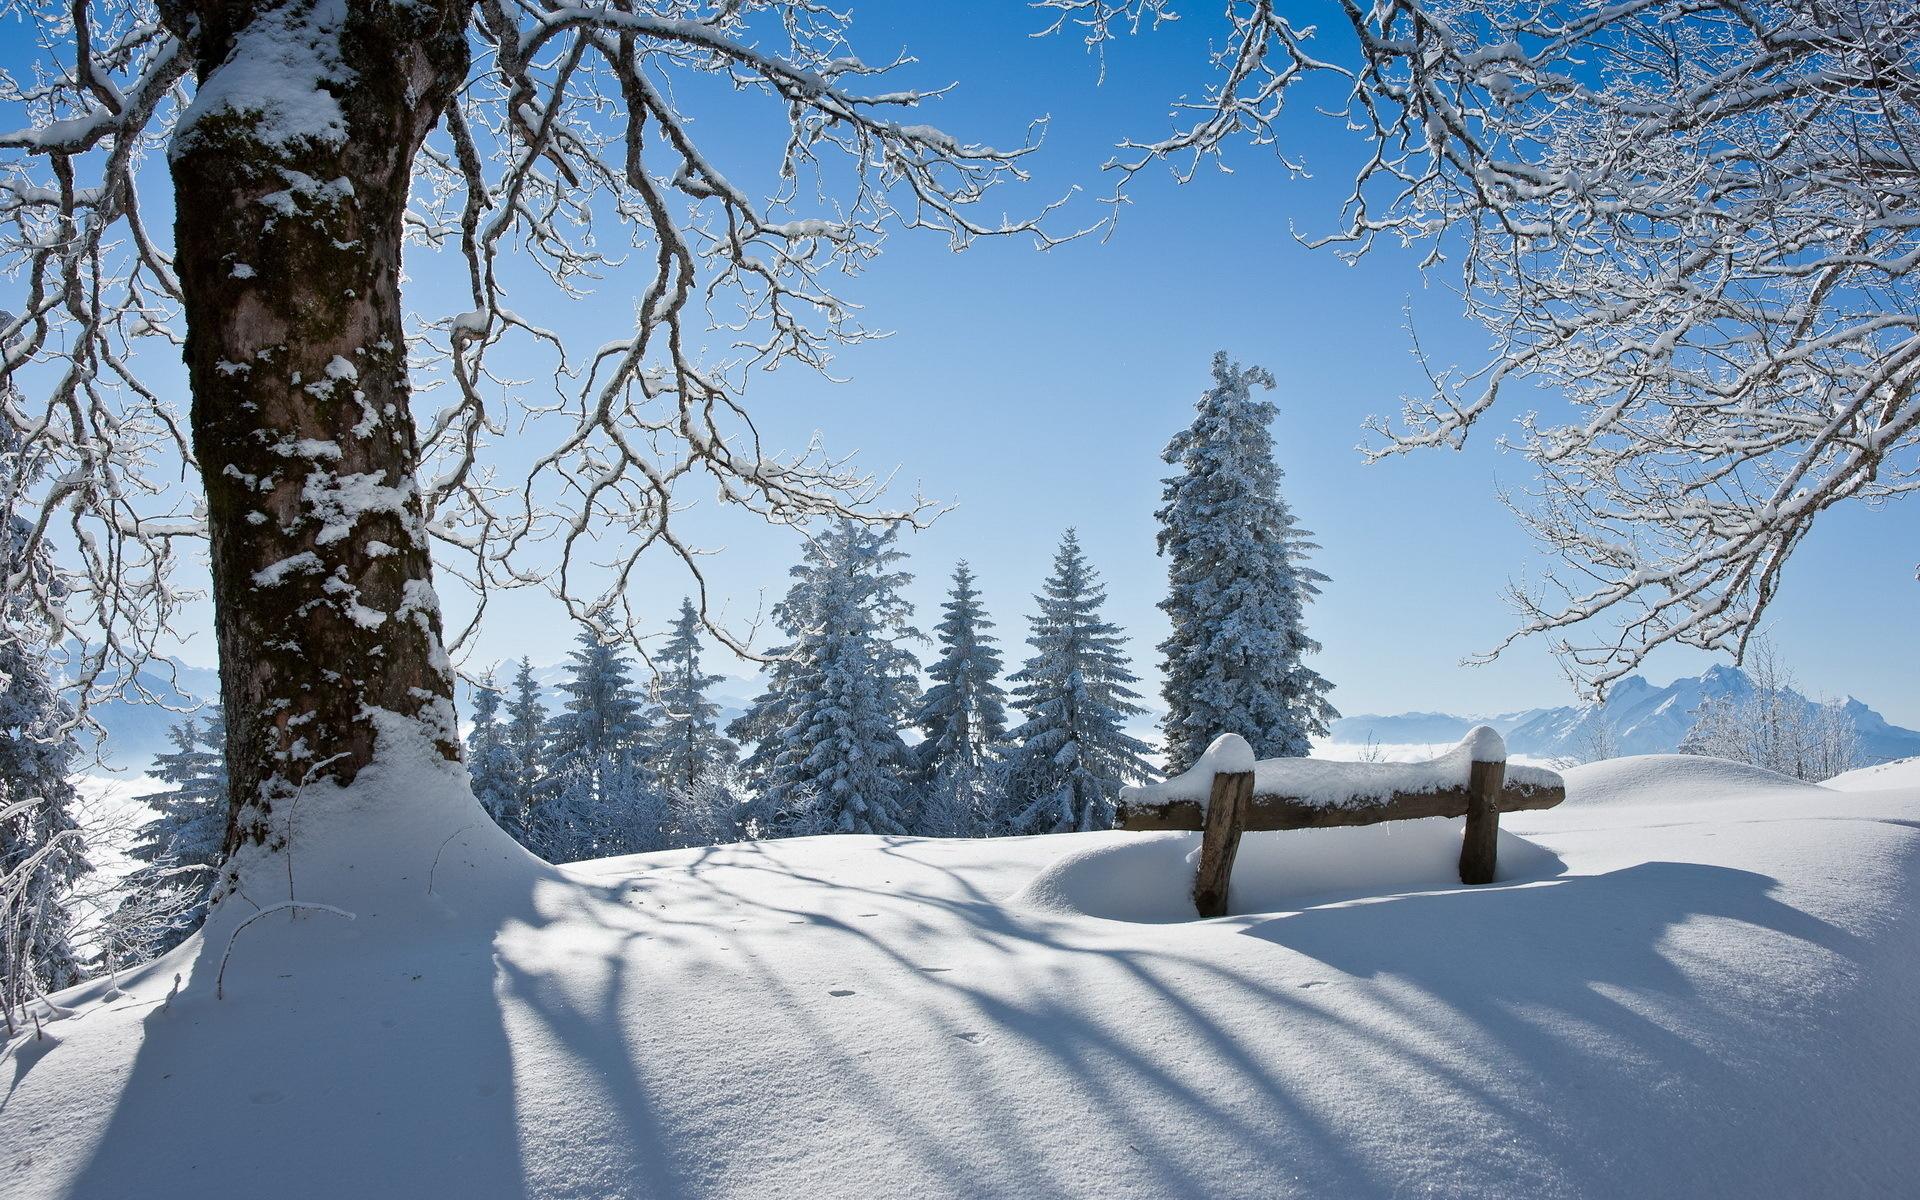 зима красивый пейзаж